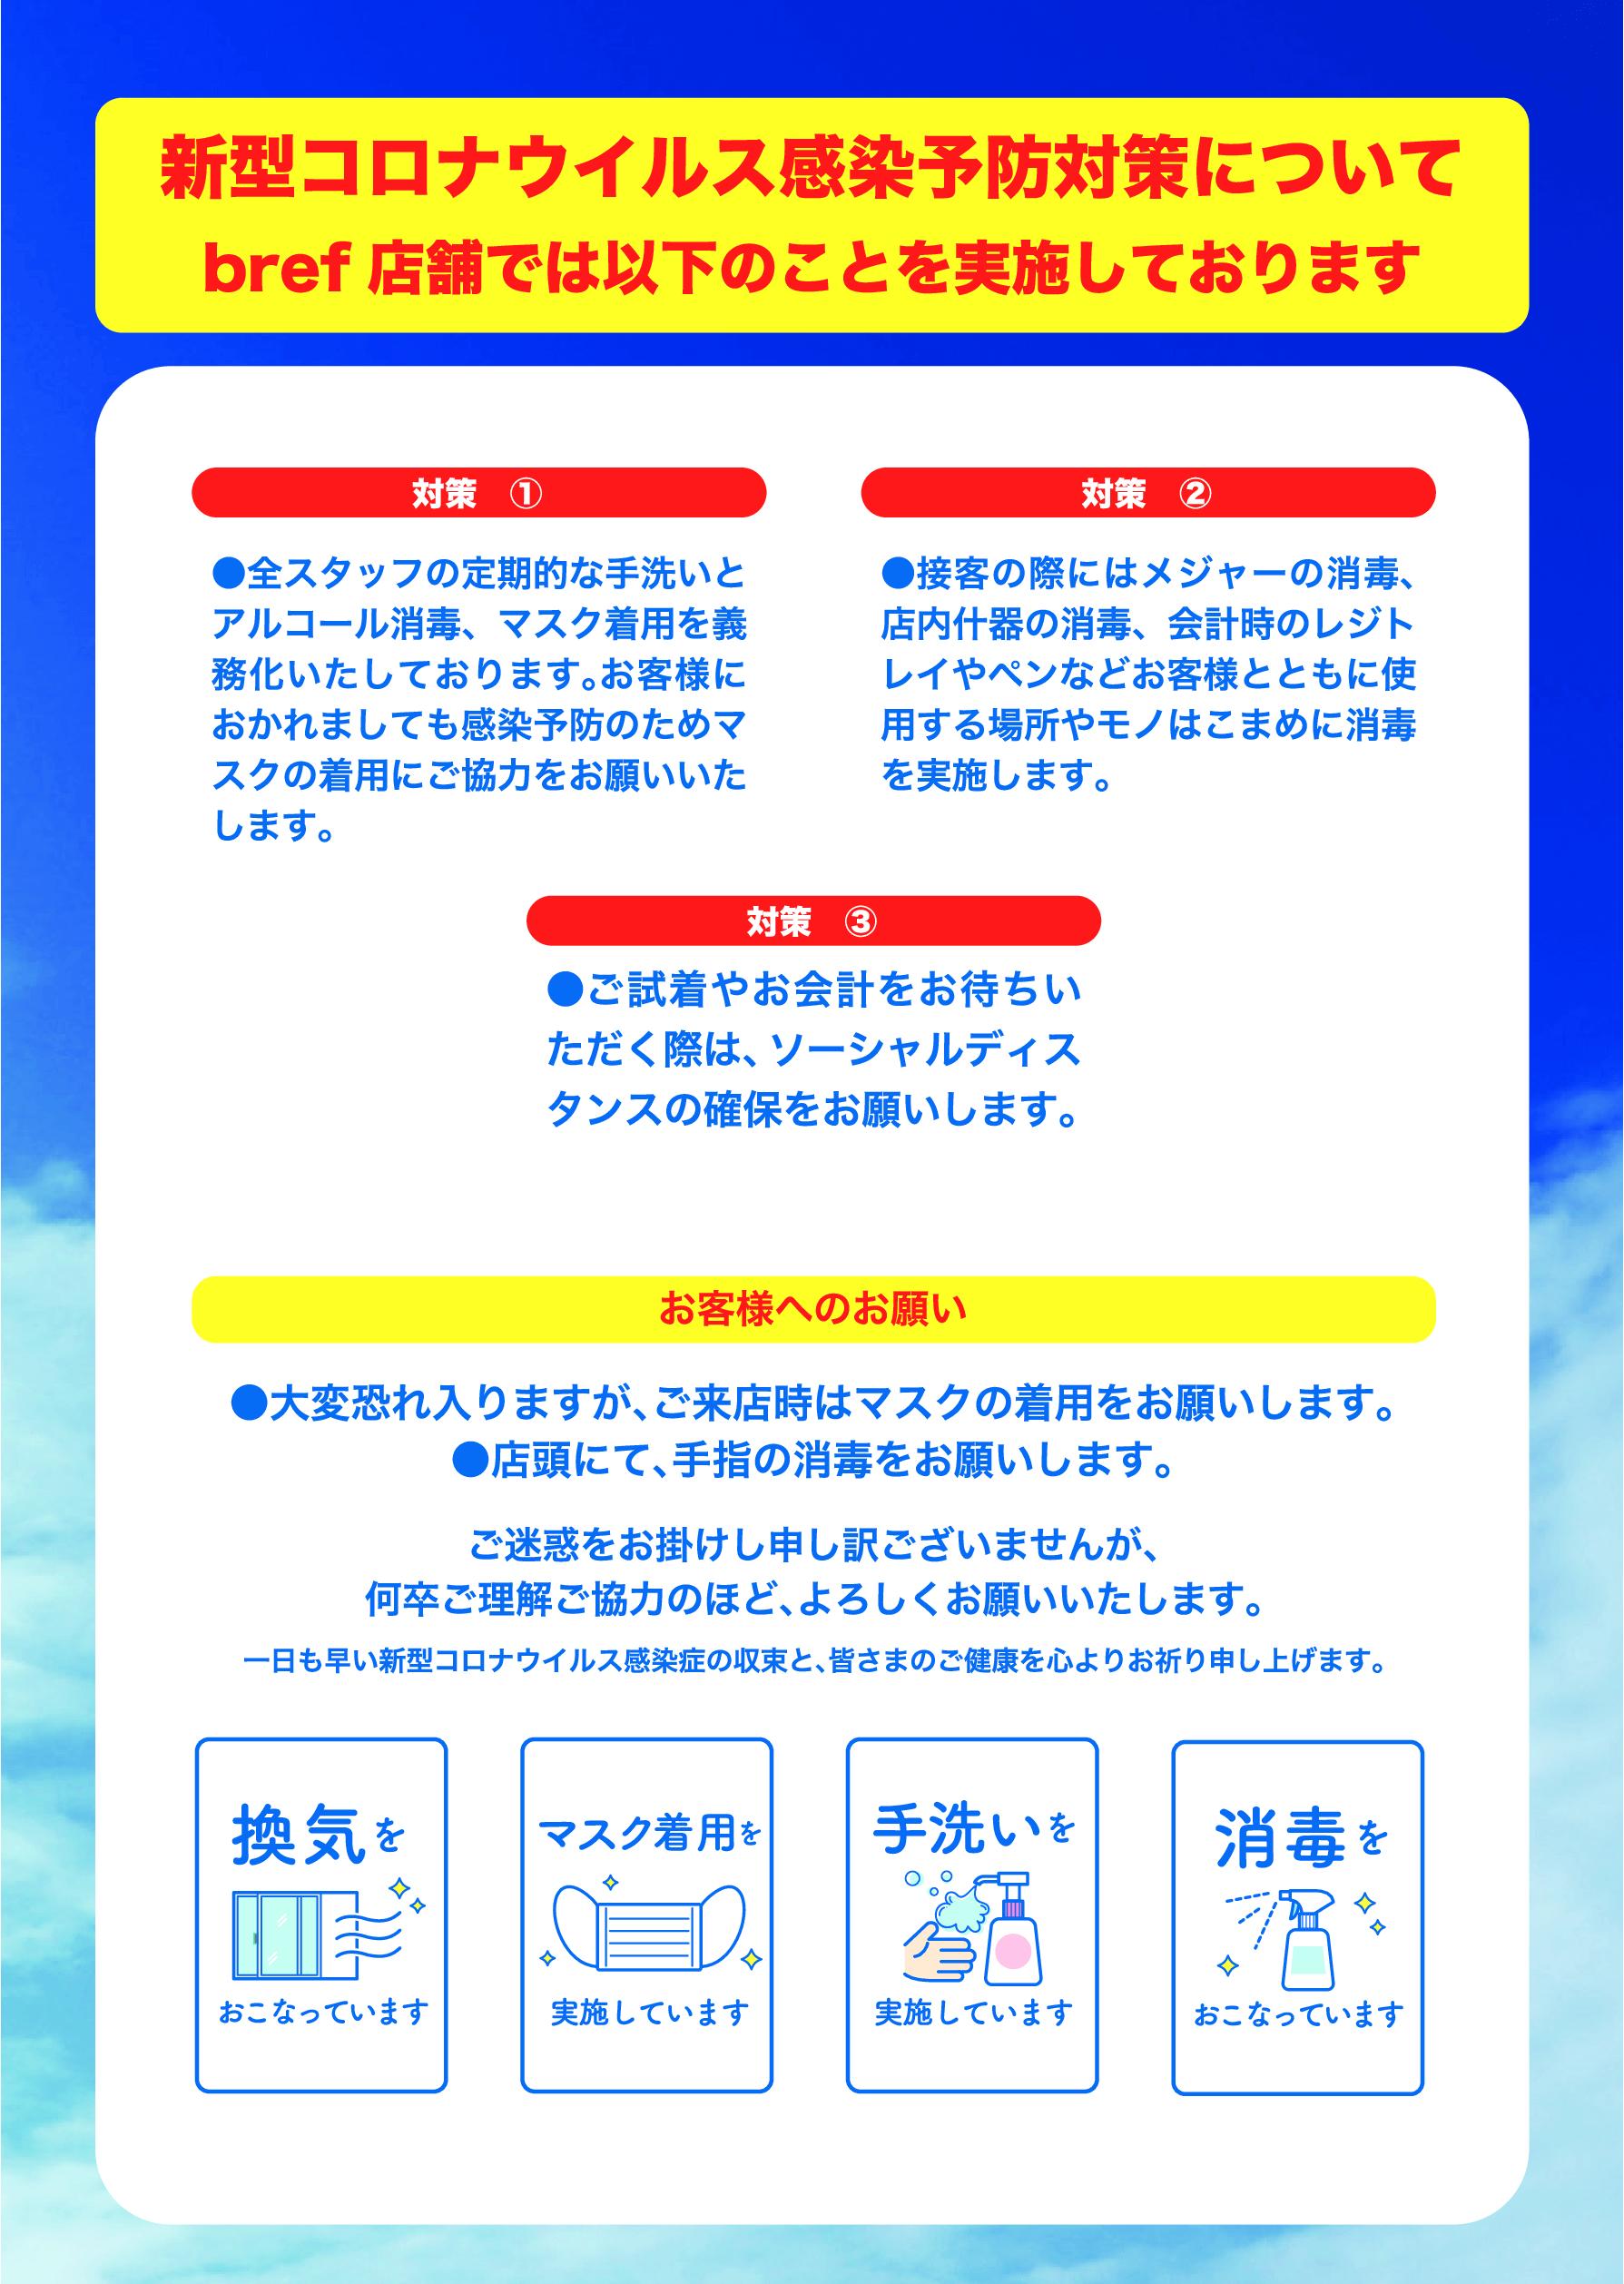 bref______感染予防_衛生管理体制_店頭A3ポスター_ (1)